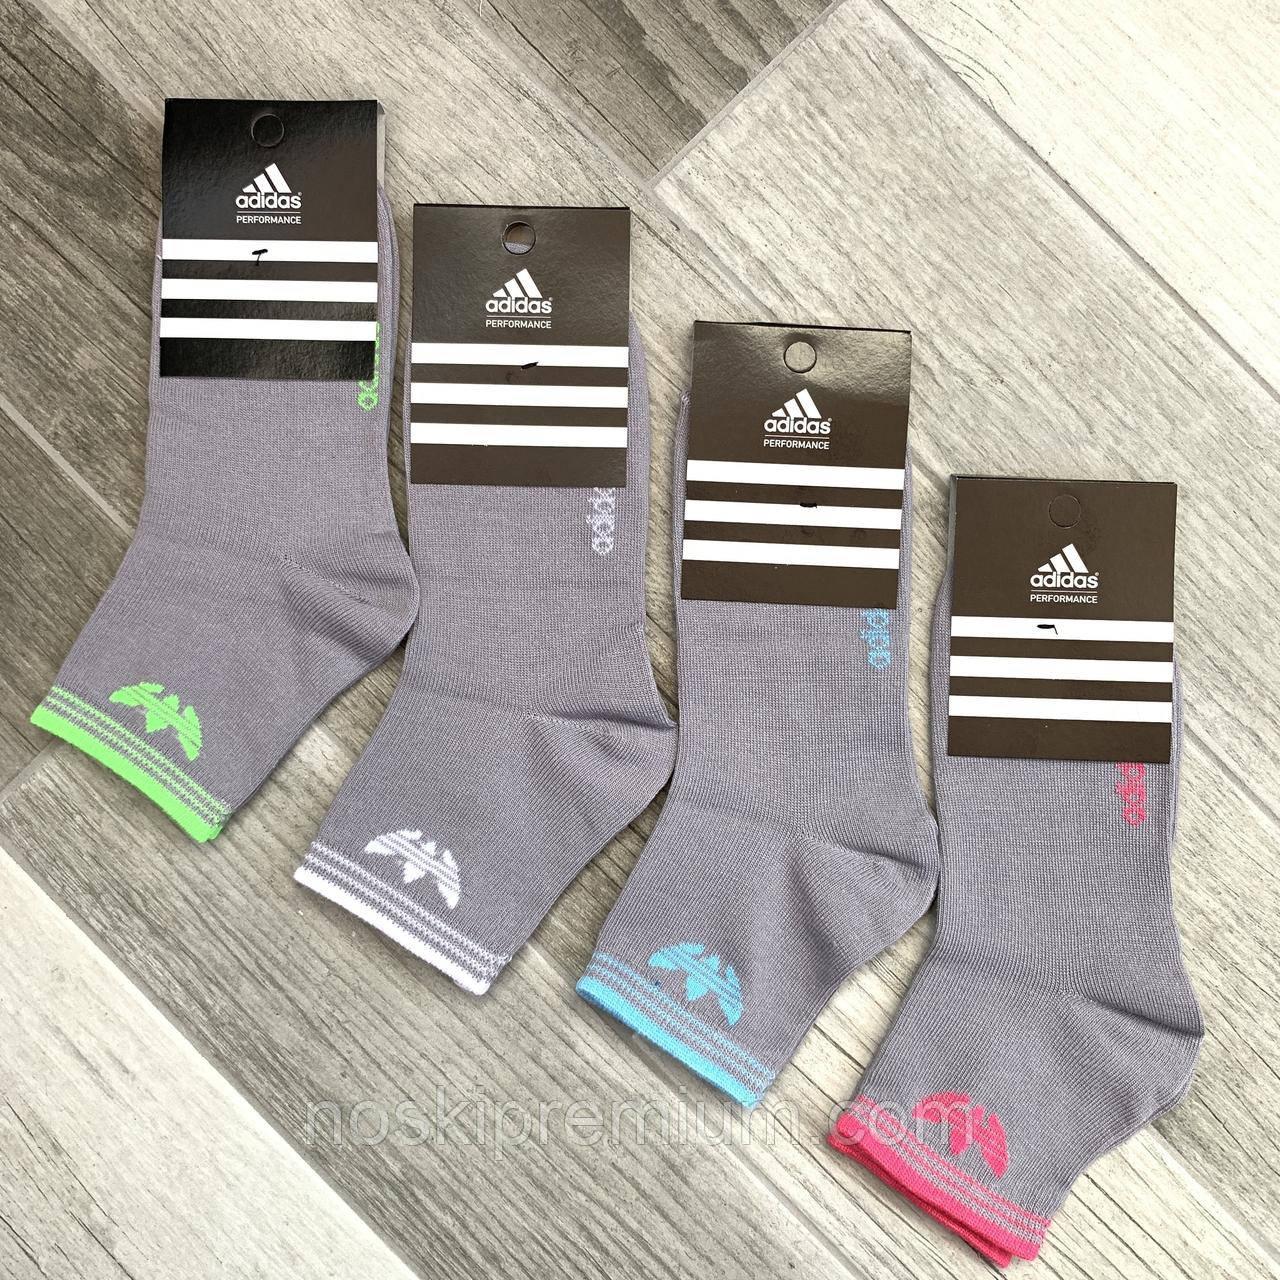 Носки женские спортивные демисезонные х/б Adidas, Турция, серые, средние, 06173